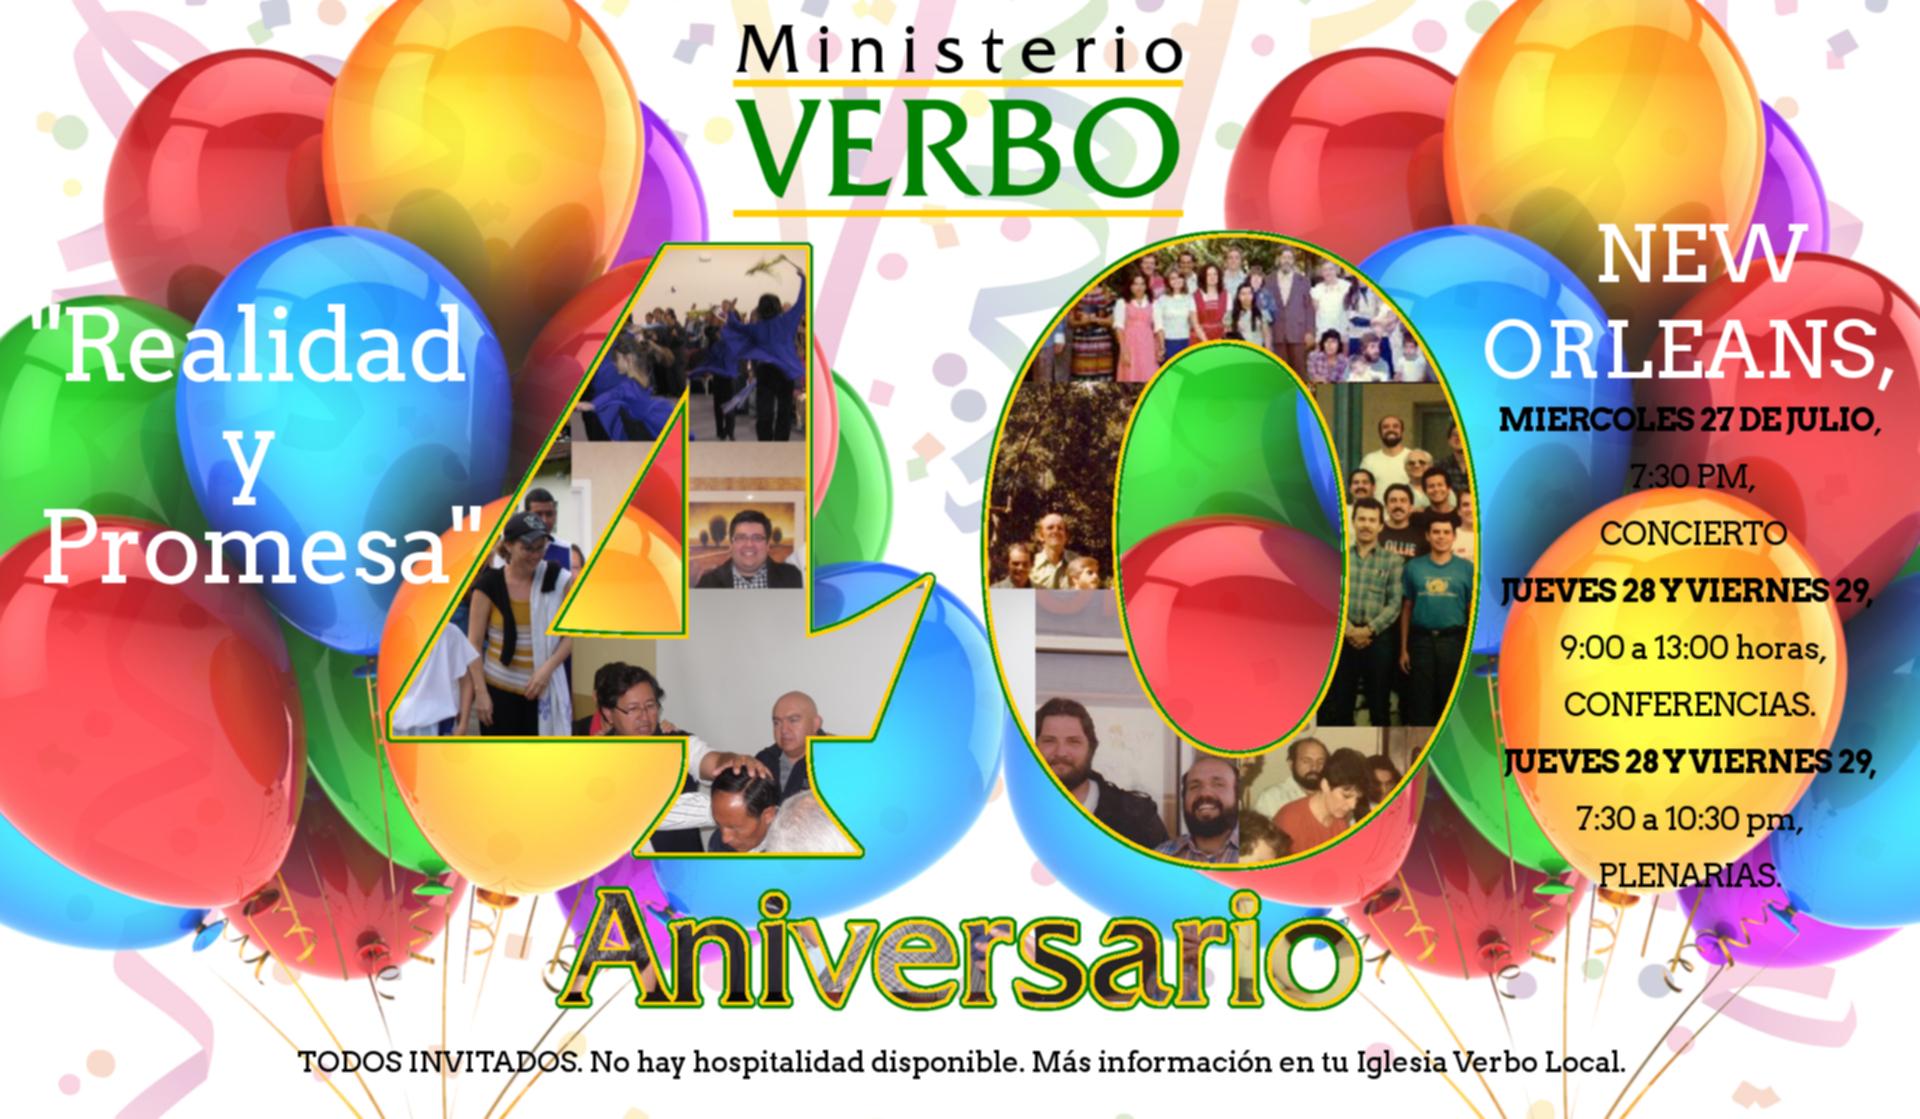 Verbo-40-Aniversario-banner-001